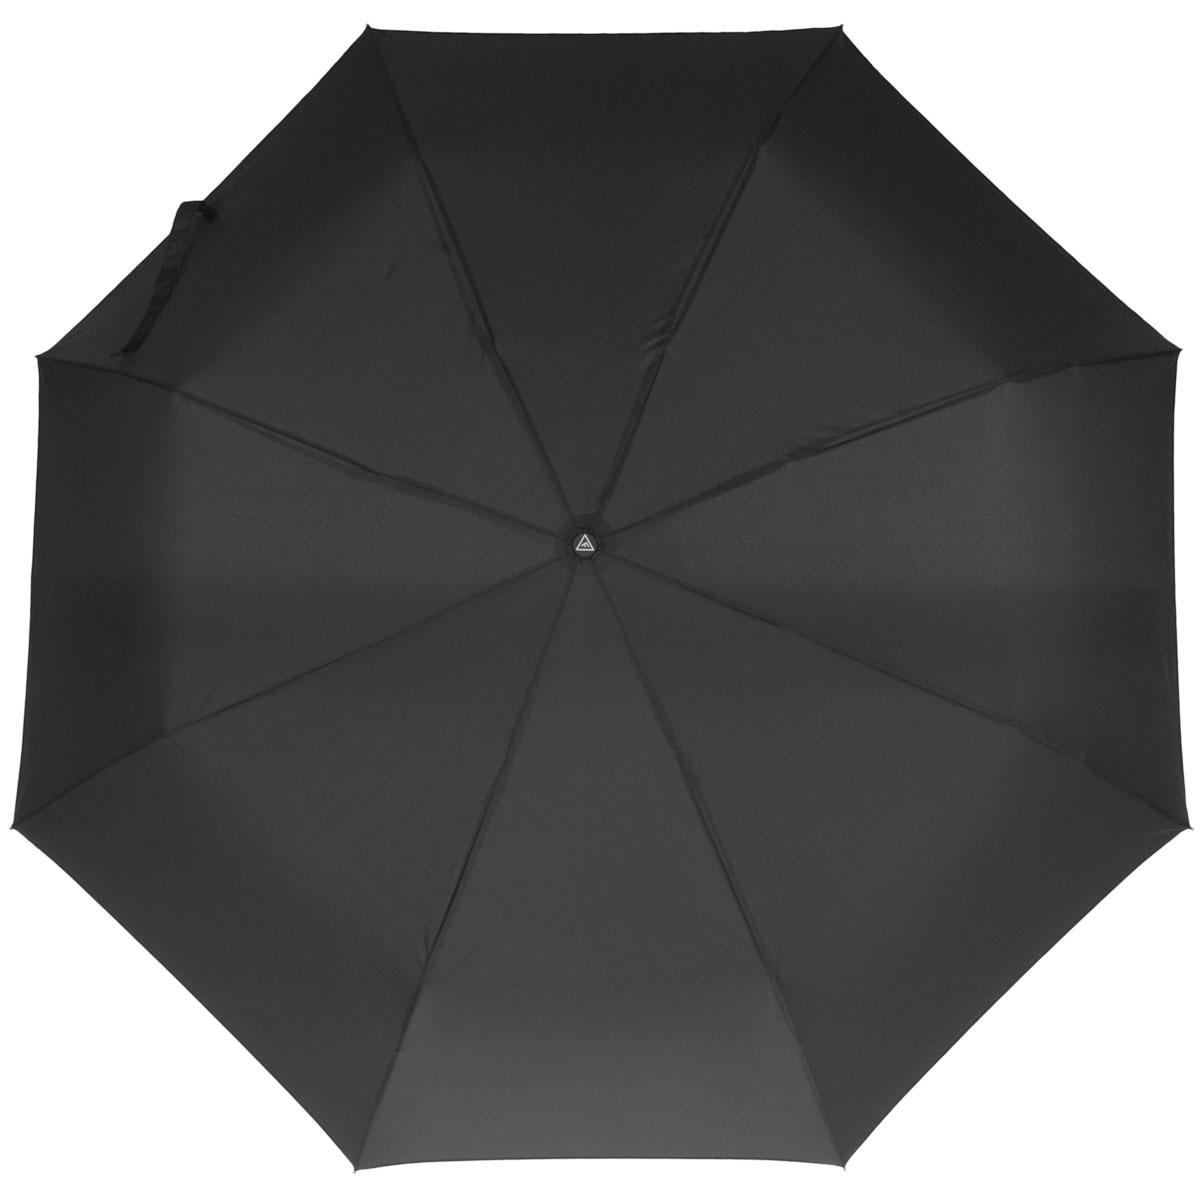 Зонт-автомат мужской Fabretti, 3 сложения, цвет: черный. M-1404Fabretti M-1404Автоматический зонт торговой марки Fabretti, произведенный из качественных материалов, станет необходимым аксессуаром для каждого мужчины. Купол зонтика черного цвета выполнен из полиэстера, обработанного водоотталкивающей пропиткой. Каркас зонта изготовлен из восьми металлических спиц, стержня и ручки с полиуретановым покрытием, разработанной с учетом эргономических требований. Зонт оснащен автоматическим механизмом в три сложения. Купол открывается и закрывается нажатием кнопки на рукоятке, благодаря чему открыть и закрыть зонт можно одной рукой, что очень удобно при входе в транспорт или помещение, стержень складывается вручную до характерного щелчка. Рукоятка зонта для удобства оснащена шнурком, позволяющим при необходимости надеть зонт на руку. В сложенном виде зонт компактен, поставляется в чехле. Мужской зонт Fabretti не только выручит вас в ненастную погоду, но и подчеркнет вашу индивидуальность.